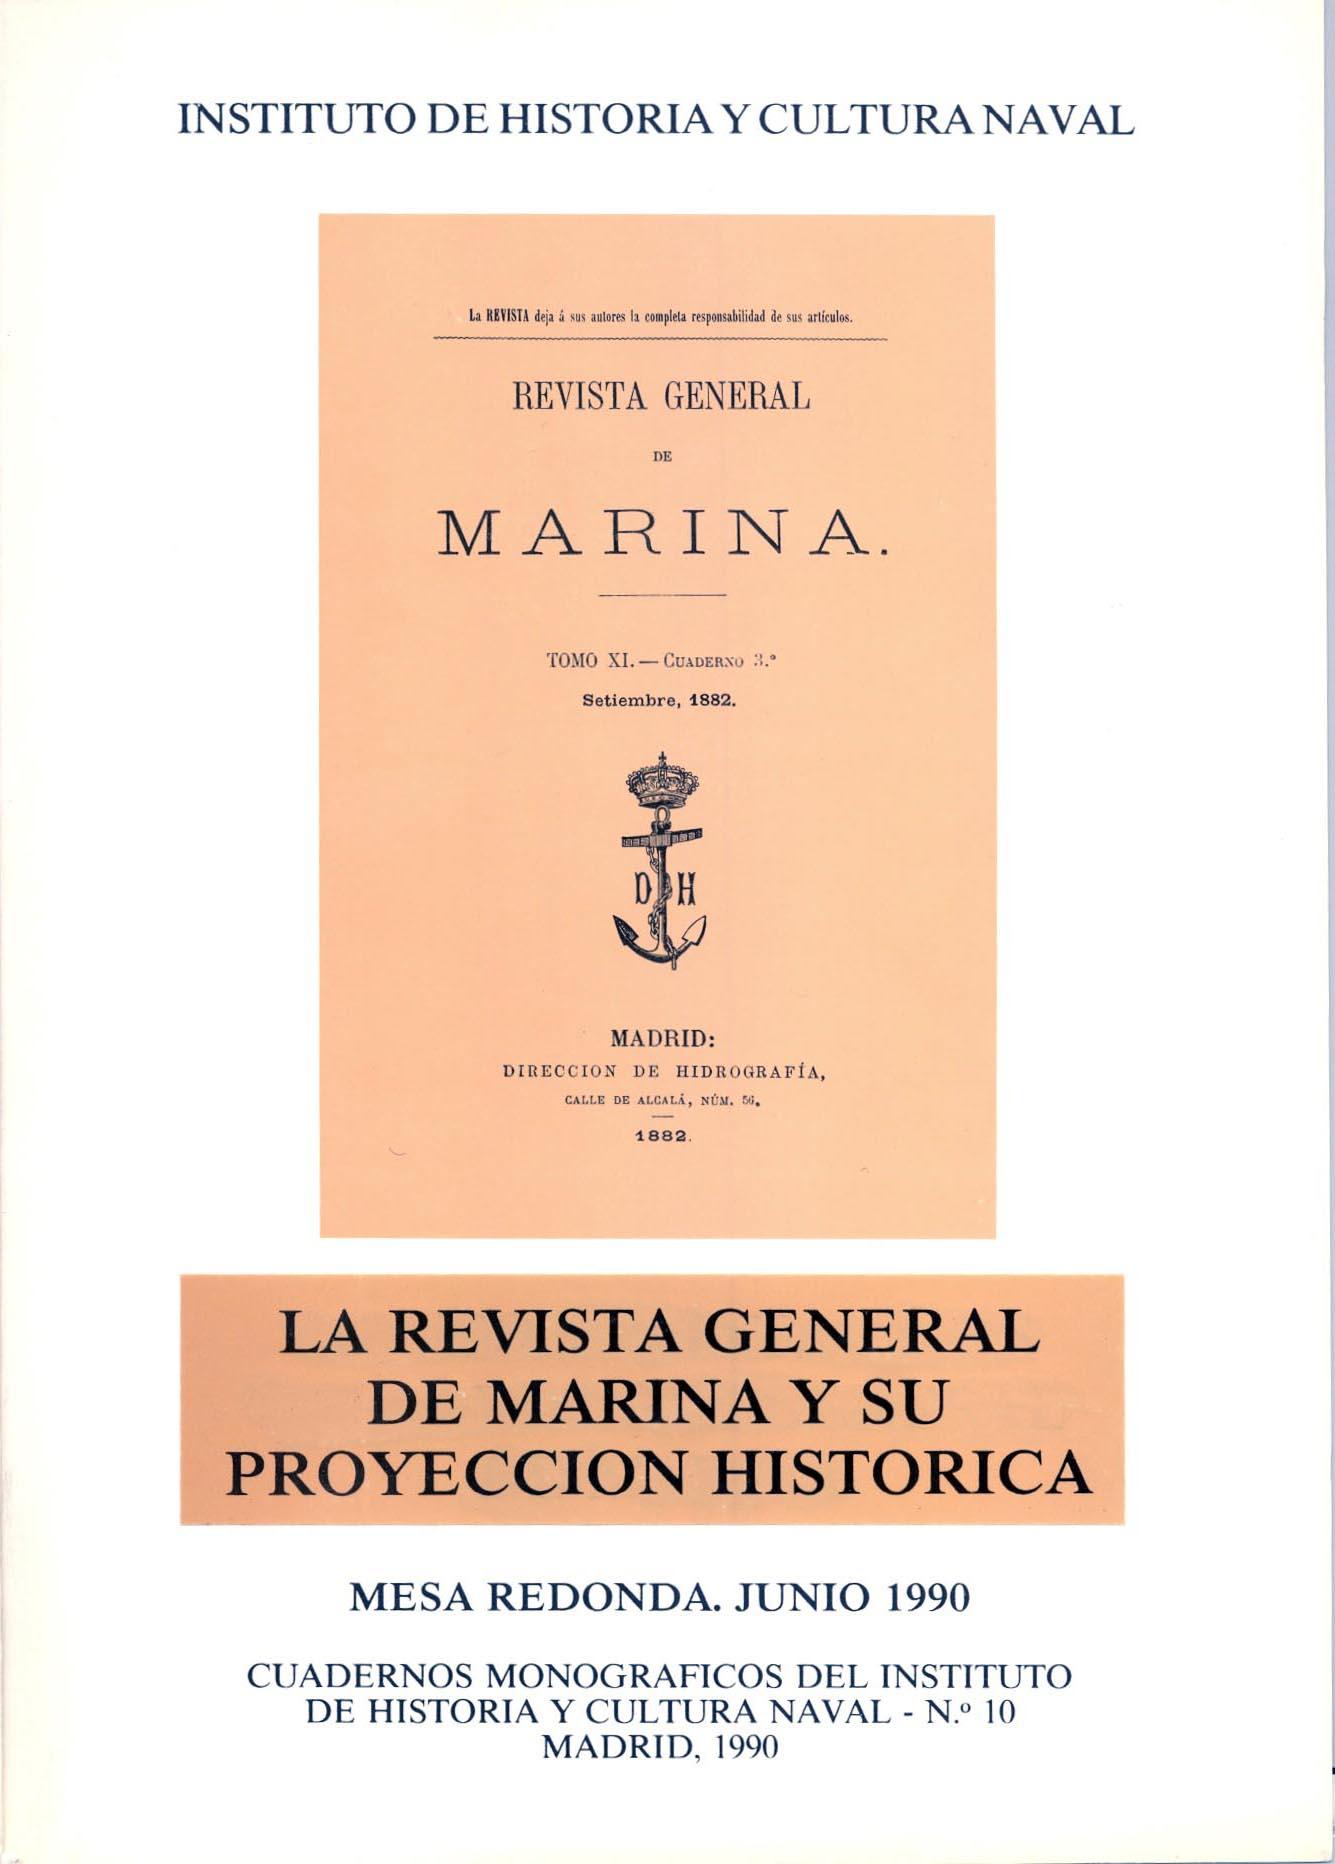 La Revista General de Marina y su proyección histórica